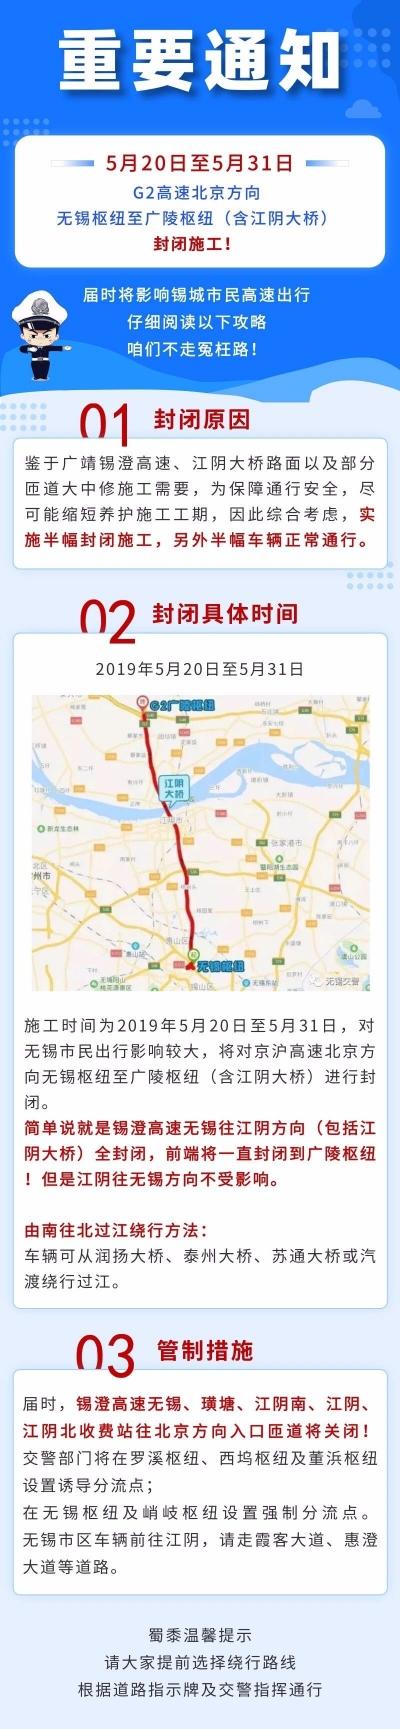 5月20日起,江阴大桥将半幅封闭施工12天!